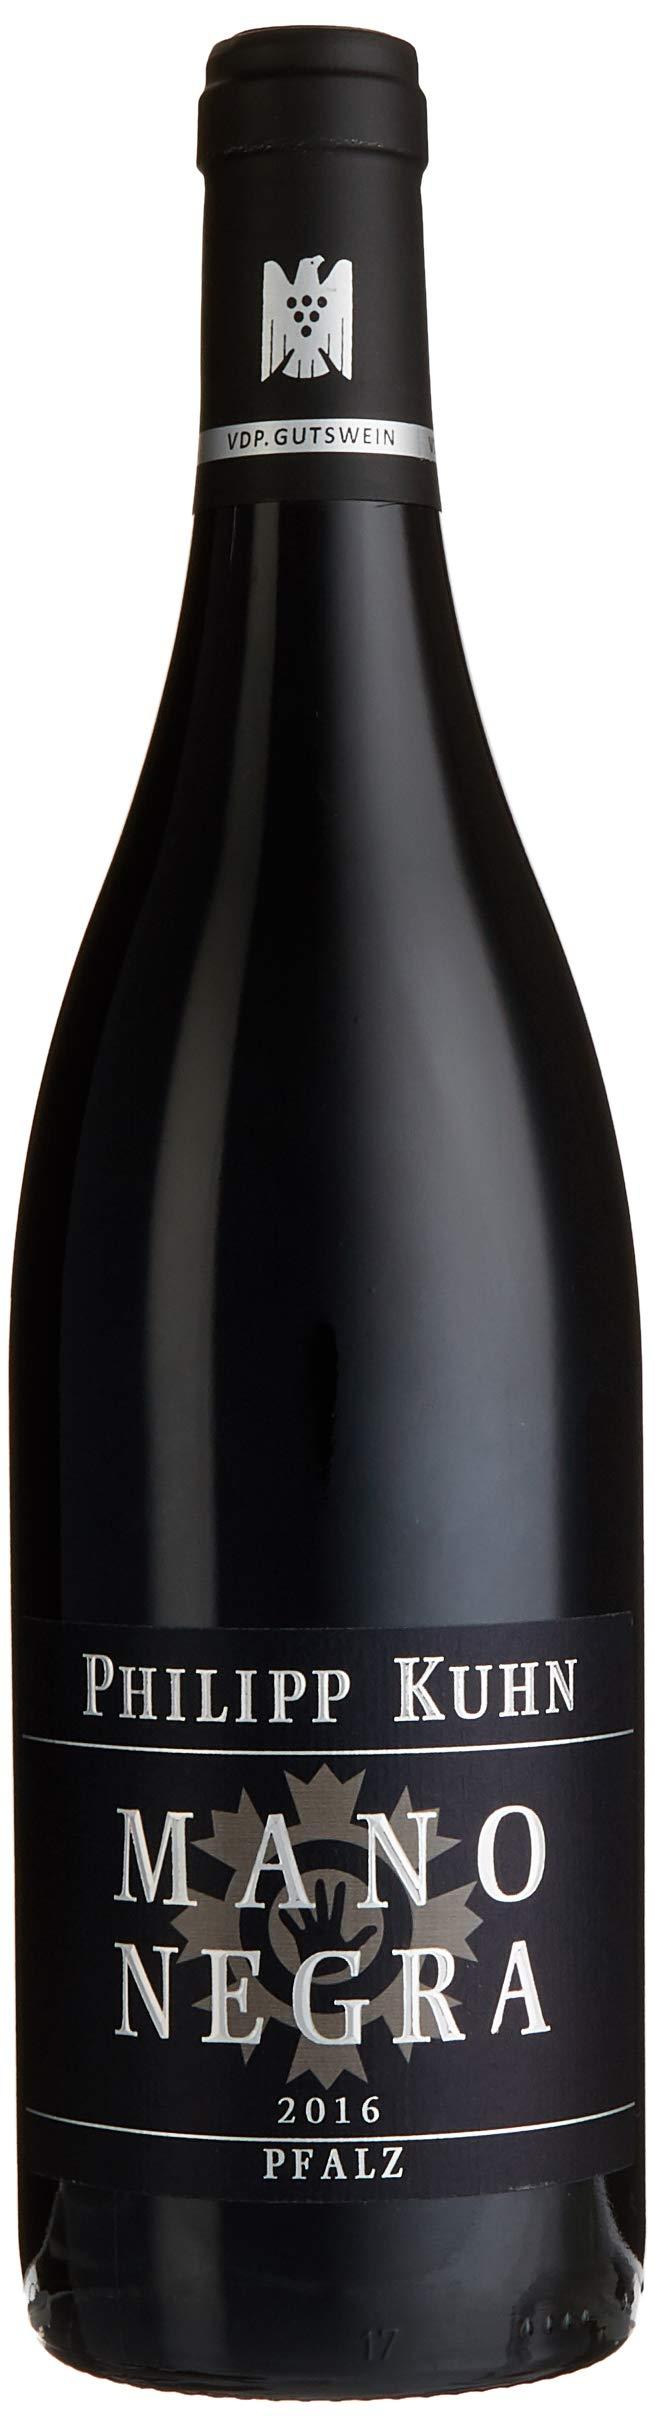 Weingut-Philipp-Kuhn-Mano-Negra-Cuve-Qualittswein-trocken-Blaufrnkisch-Cabernet-Sauvignon-1-x-075-l